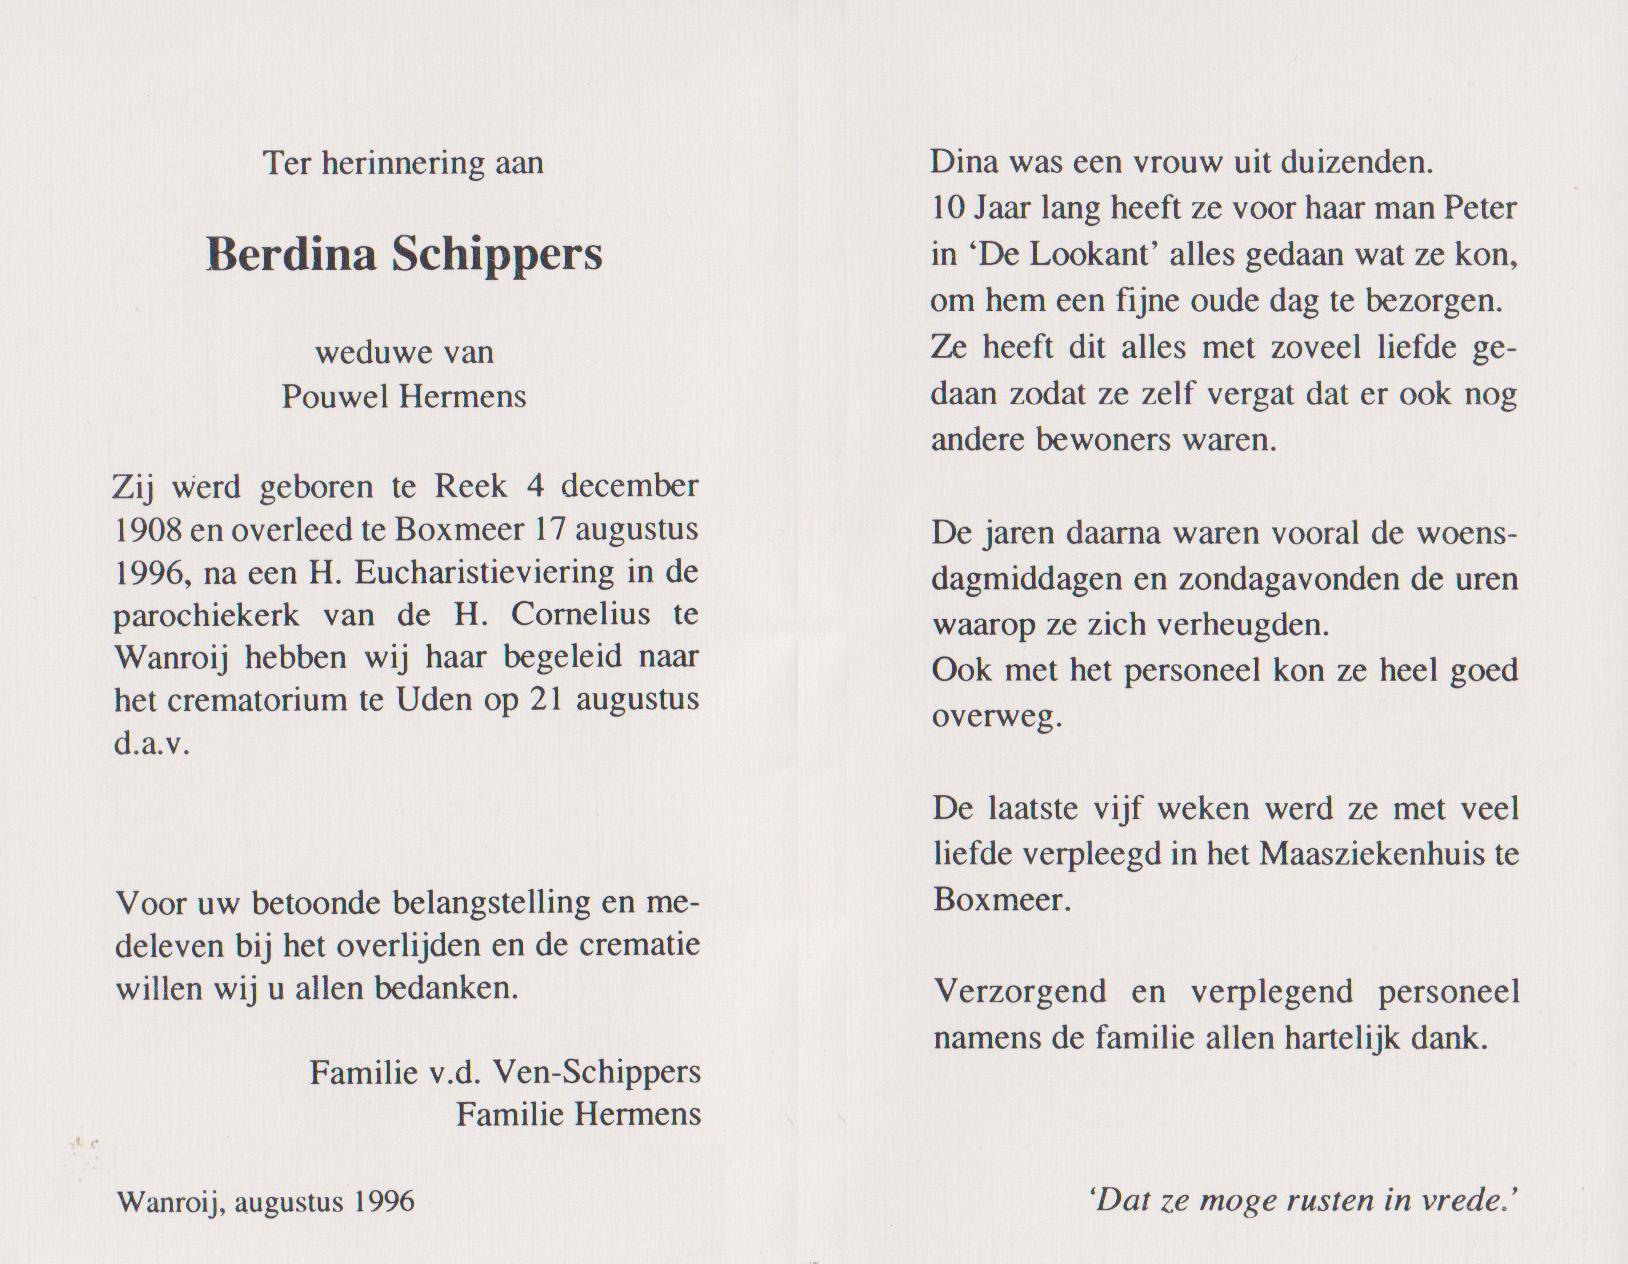 Bidprentje BerdinaSchippers